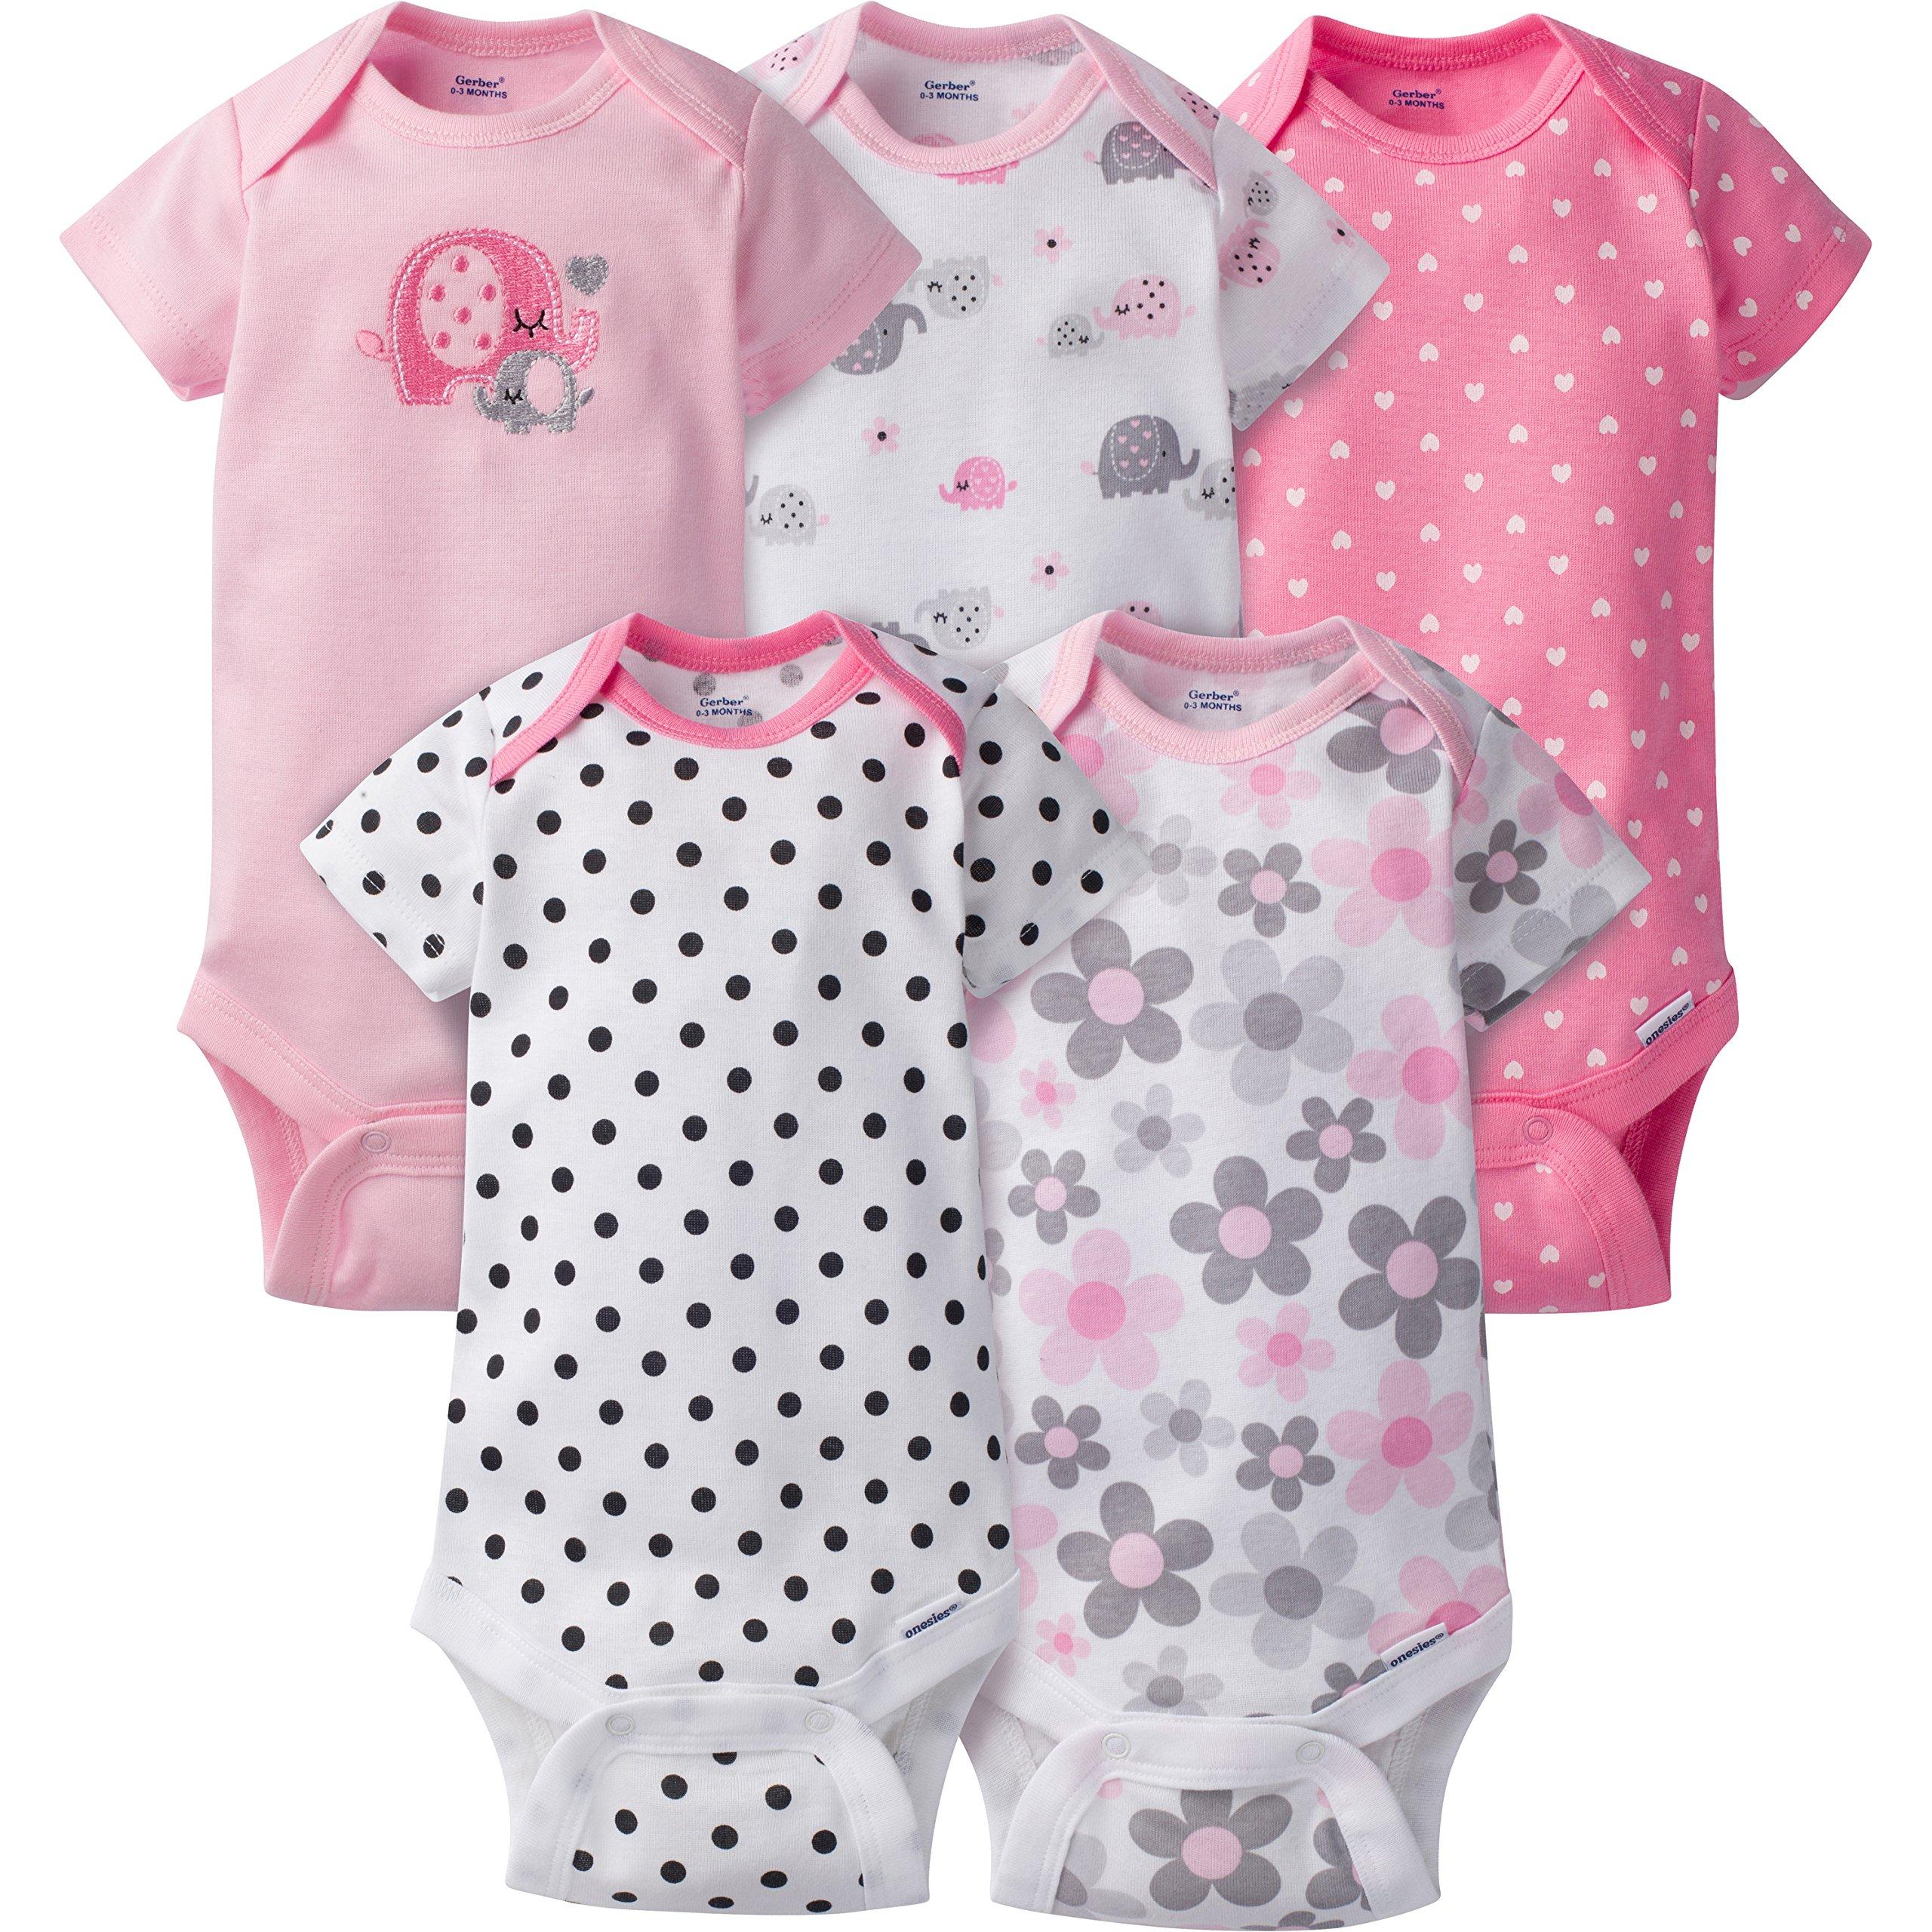 f65cf9dab Gerber Baby Girls' 5 Pack Onesies, Elephants/Flowers, 0-3 Months ...